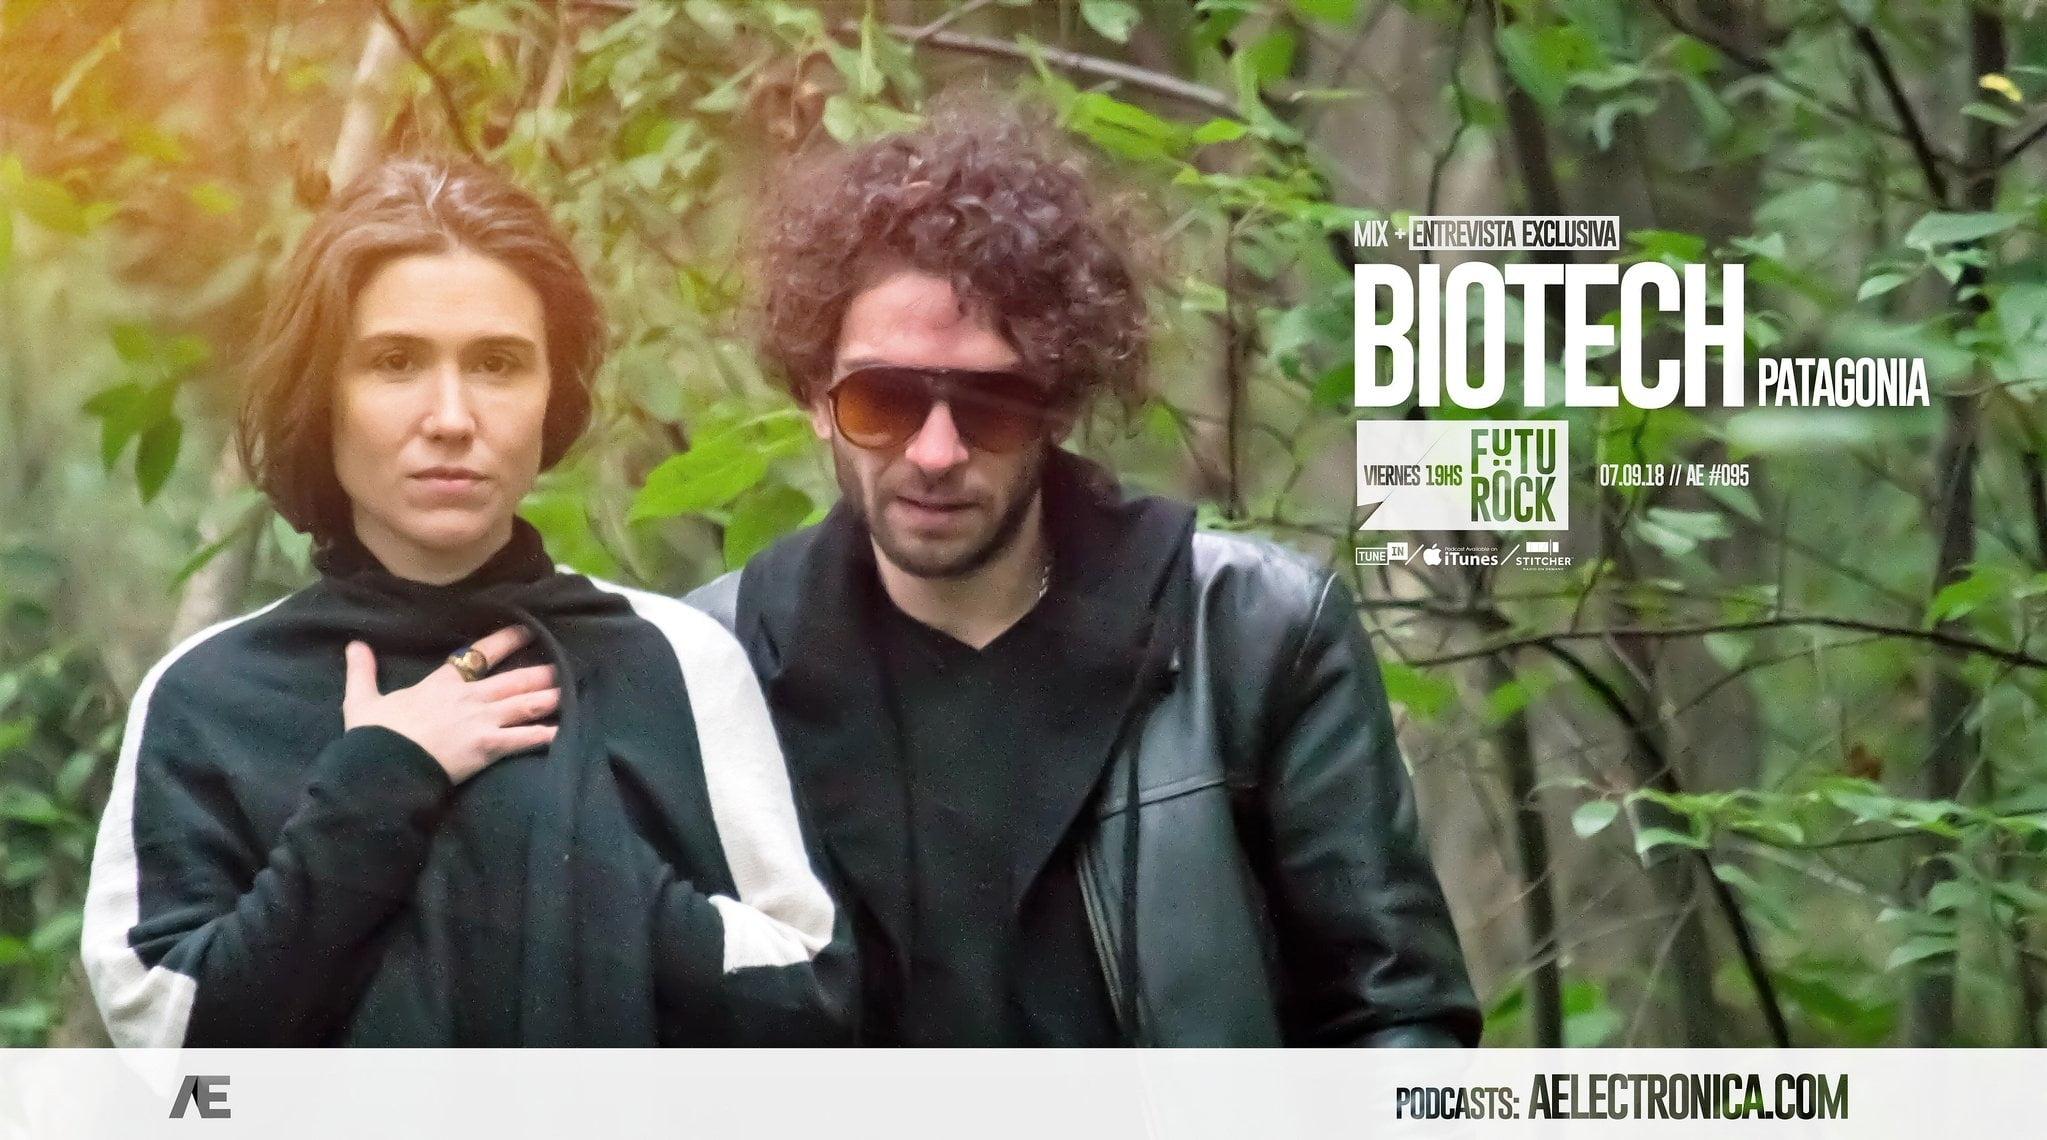 Biotech Patagonia